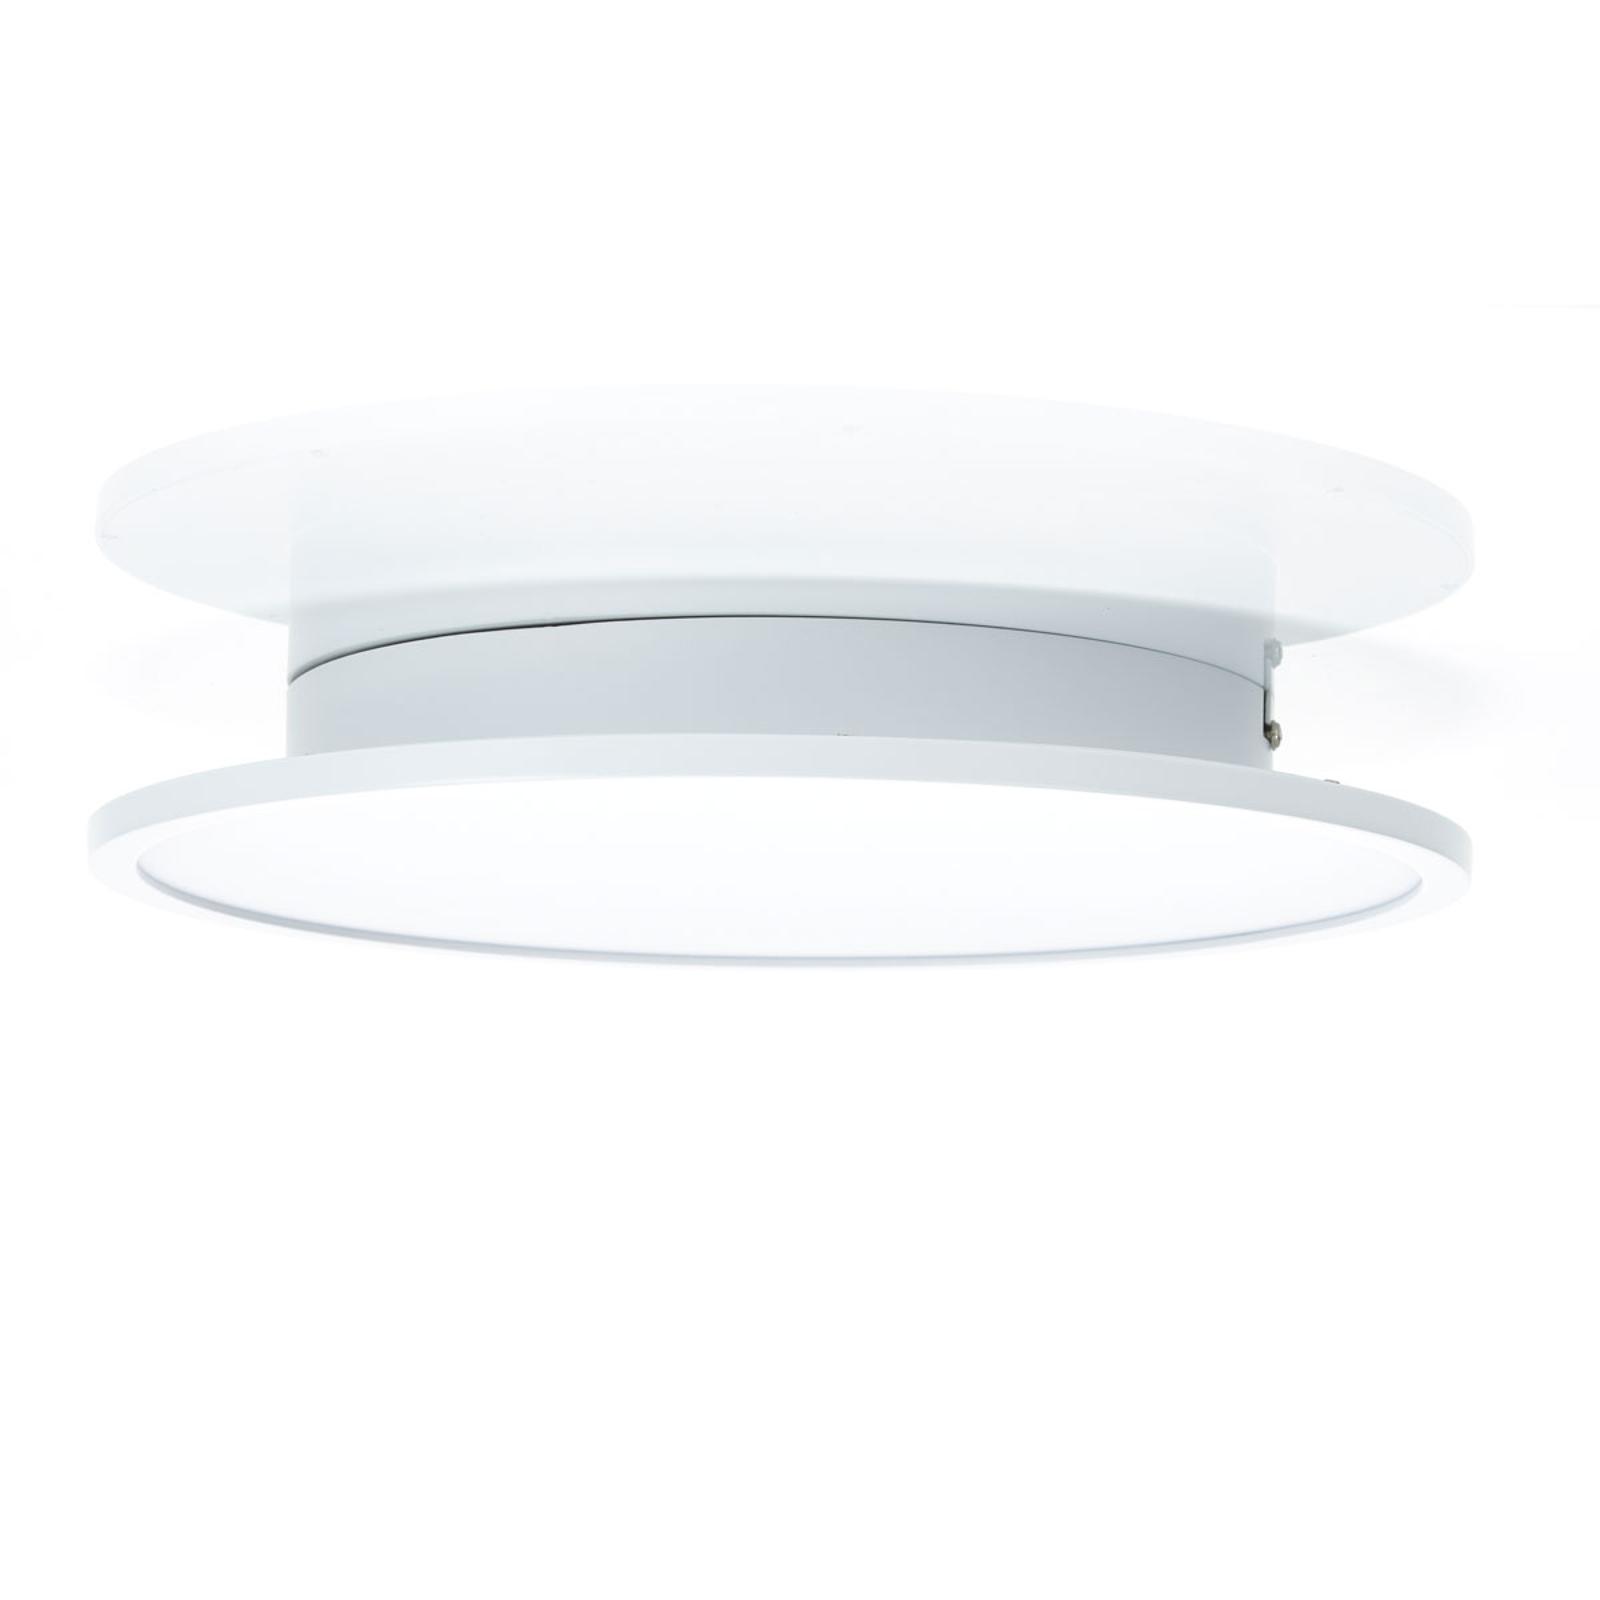 LED-Deckenleuchte Ceres, easydim, weiß, Ø35cm